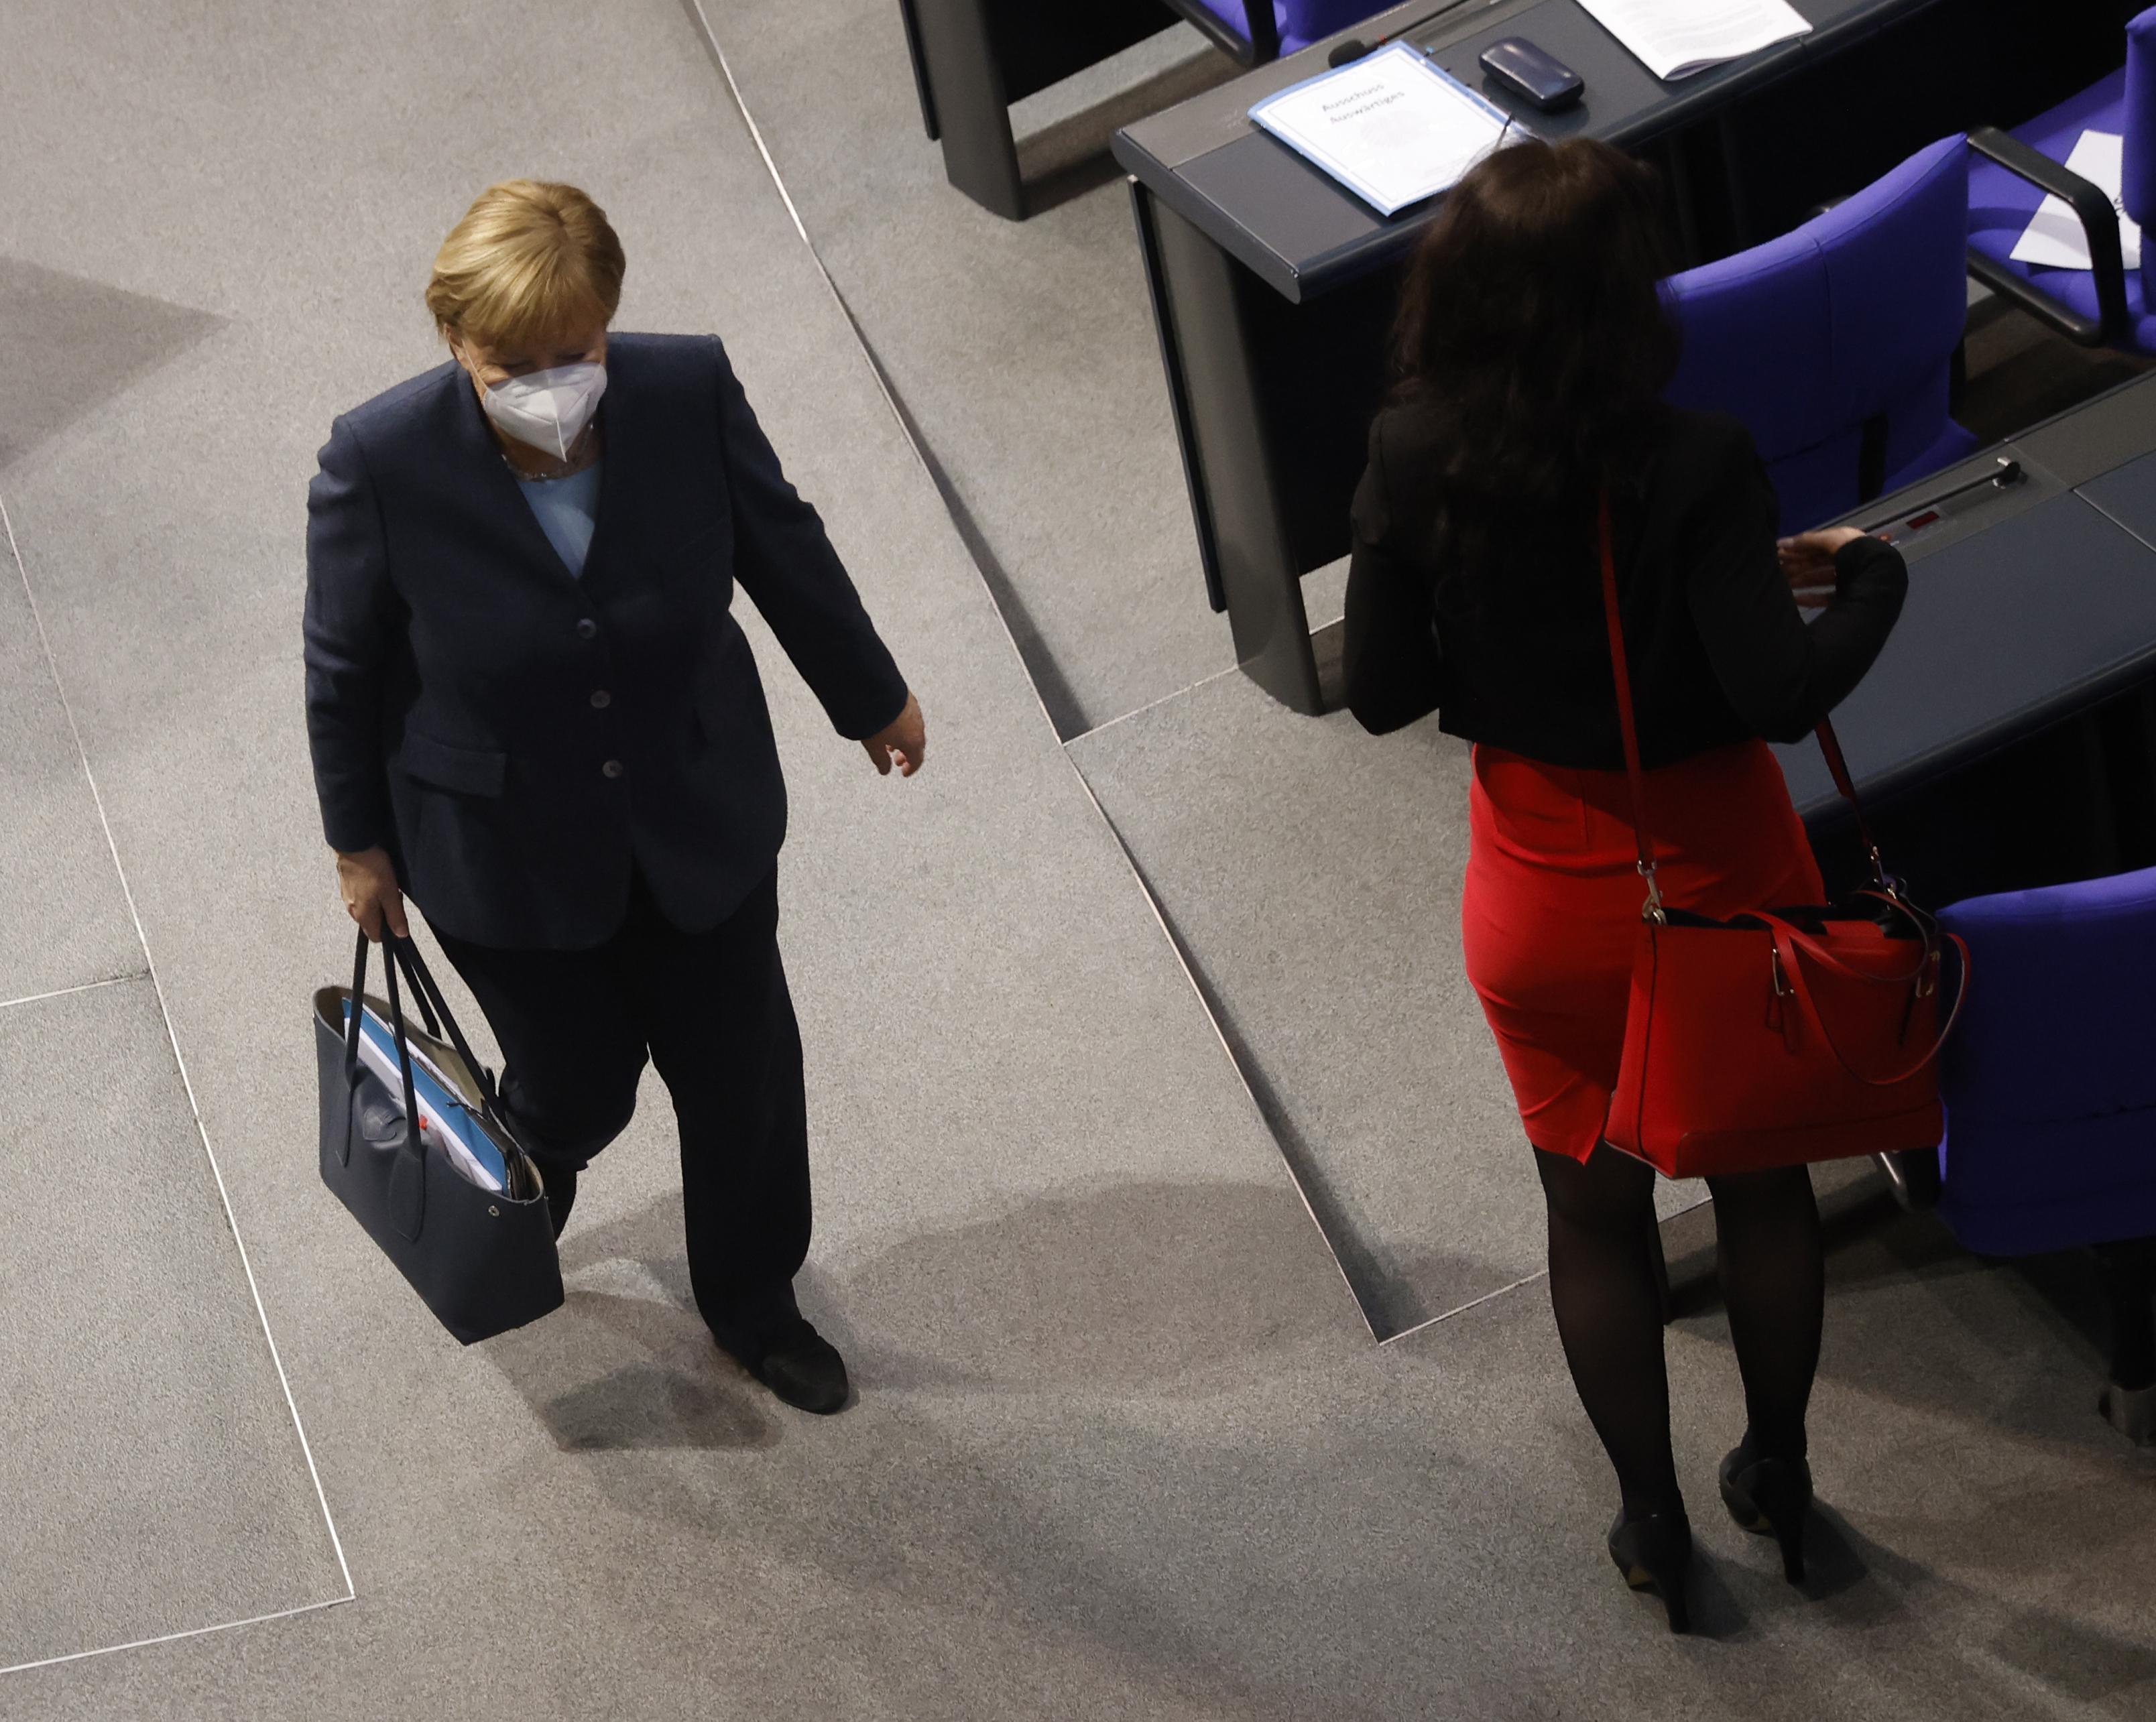 La canciller alemana, Angela Merkel (izq.), Se marcha después de una sesión del Bundestag (cámara baja del parlamento) en Berlín el 16 de diciembre de 2020, en medio de la pandemia del coronavirus Covid-19.